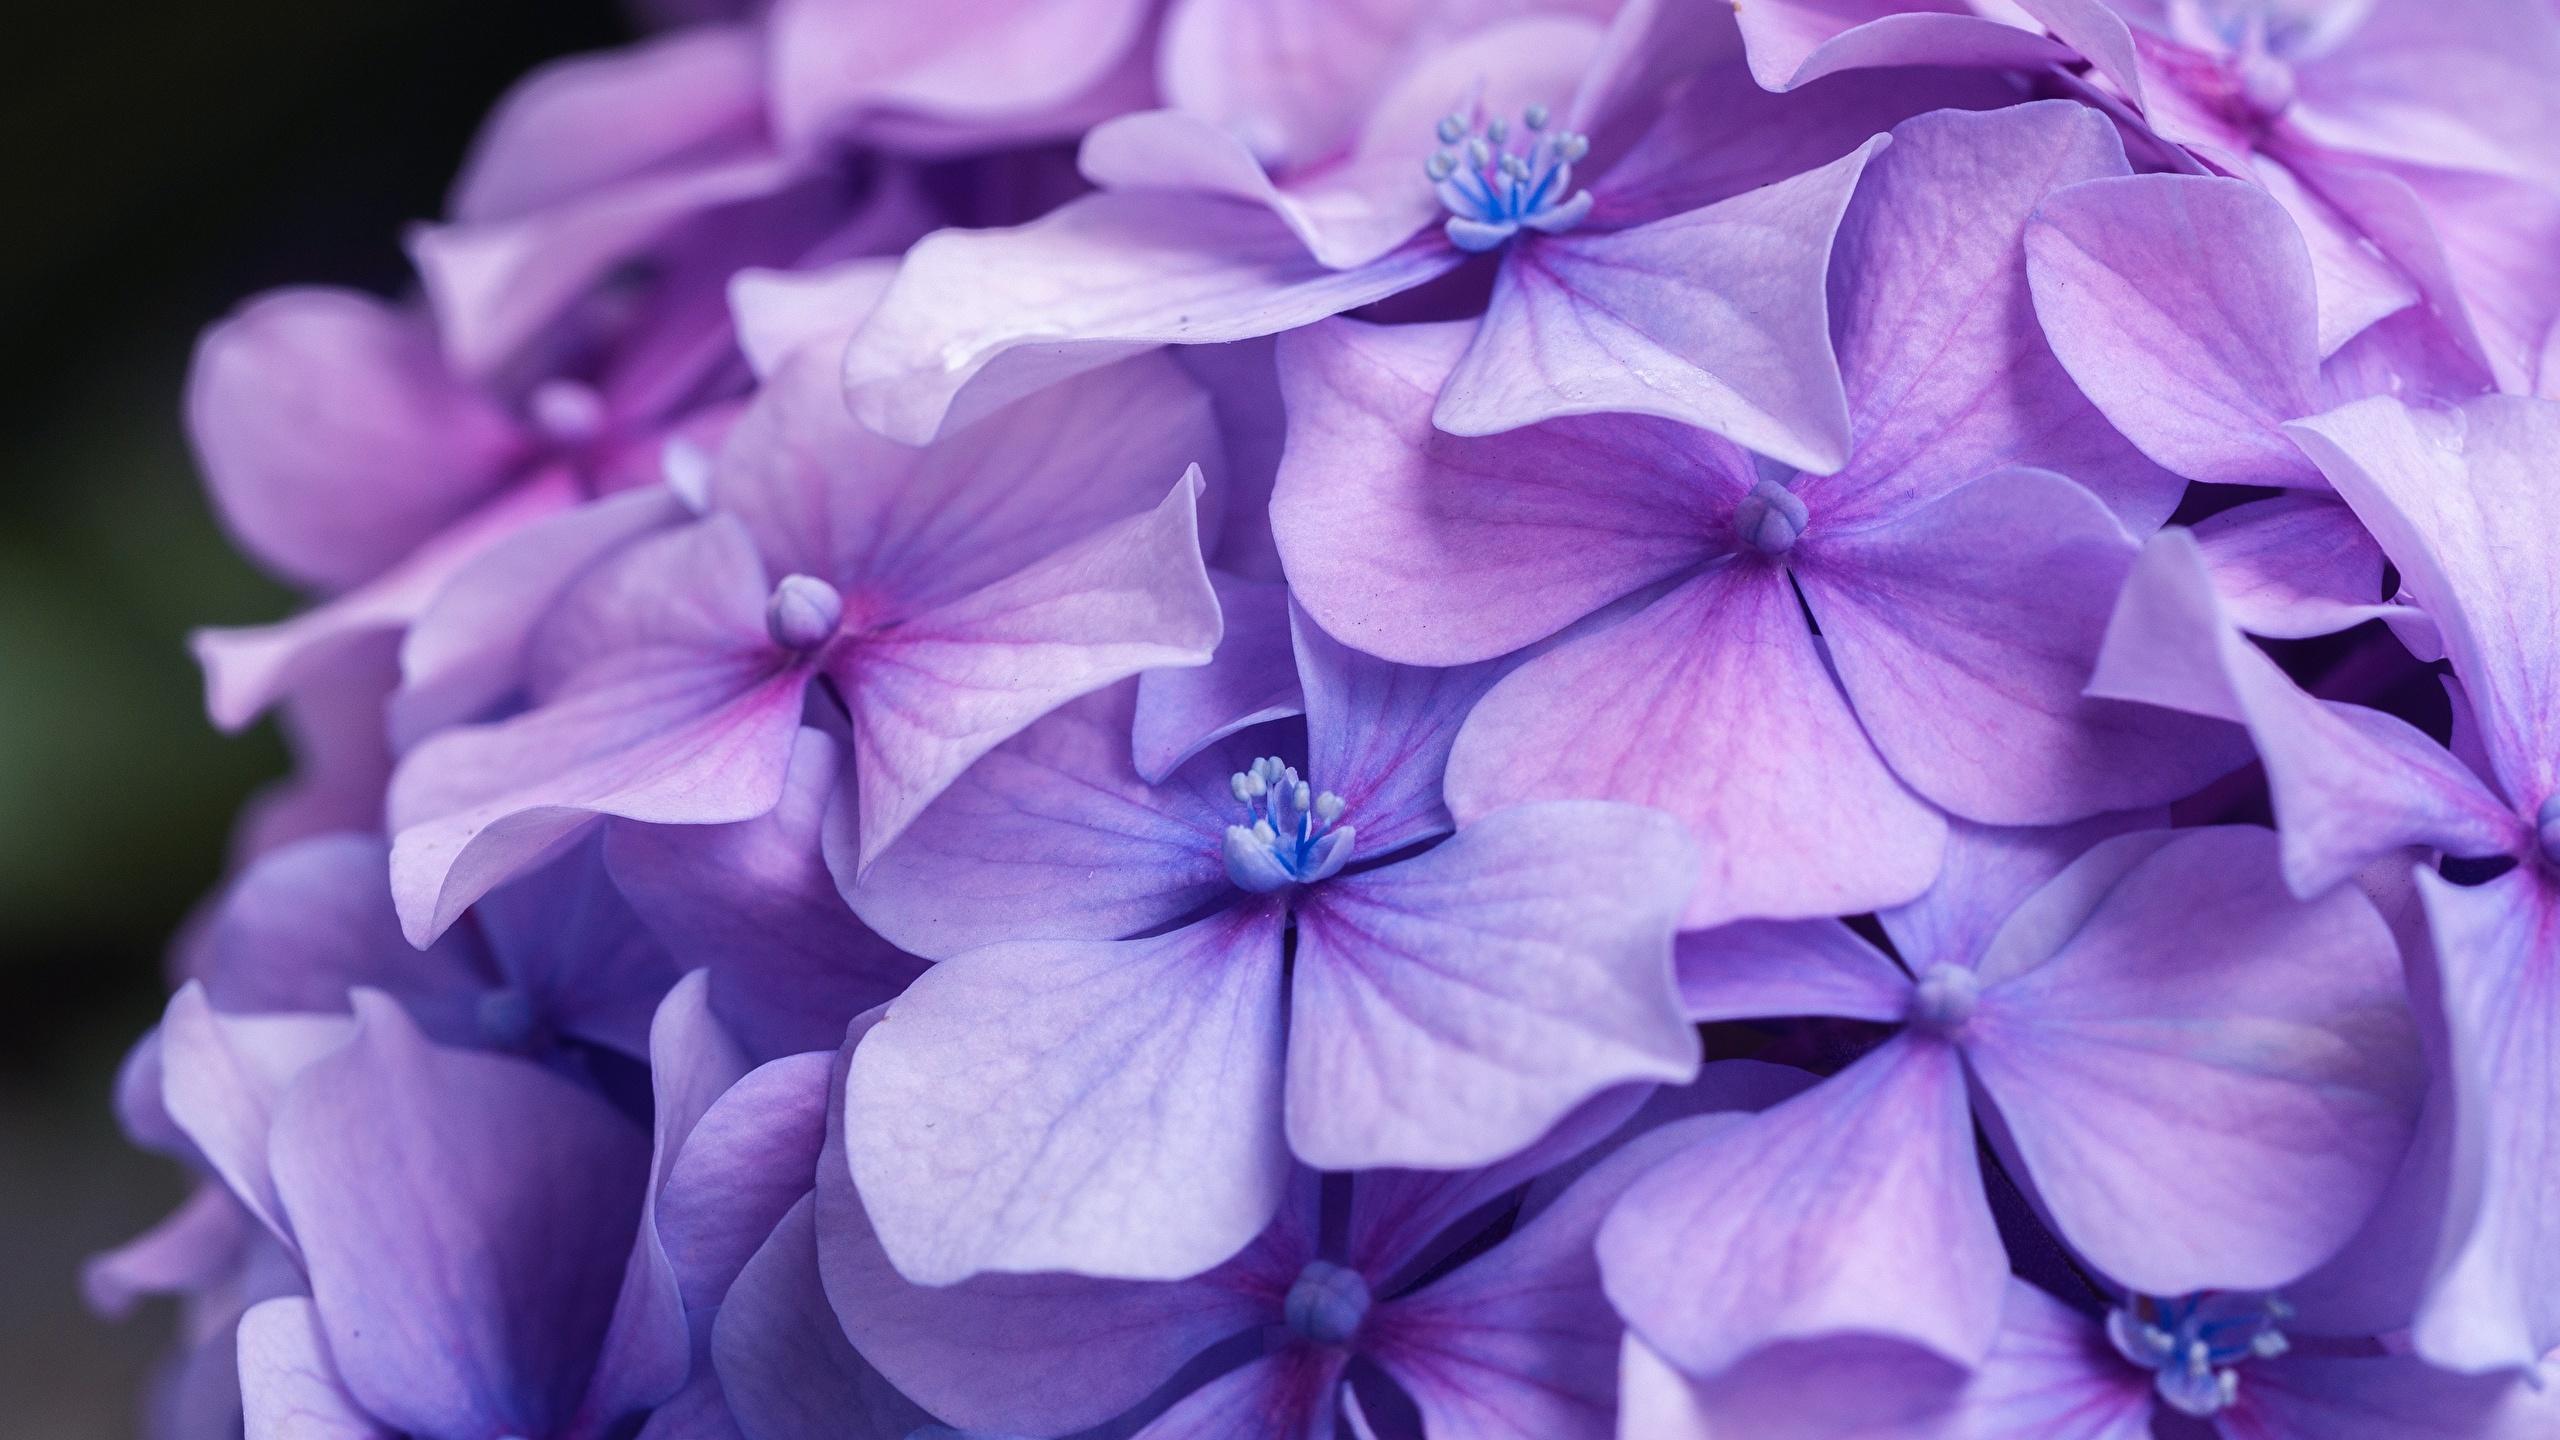 Bilder Violett Blüte Hortensien Großansicht 2560x1440 Blumen Hortensie hautnah Nahaufnahme